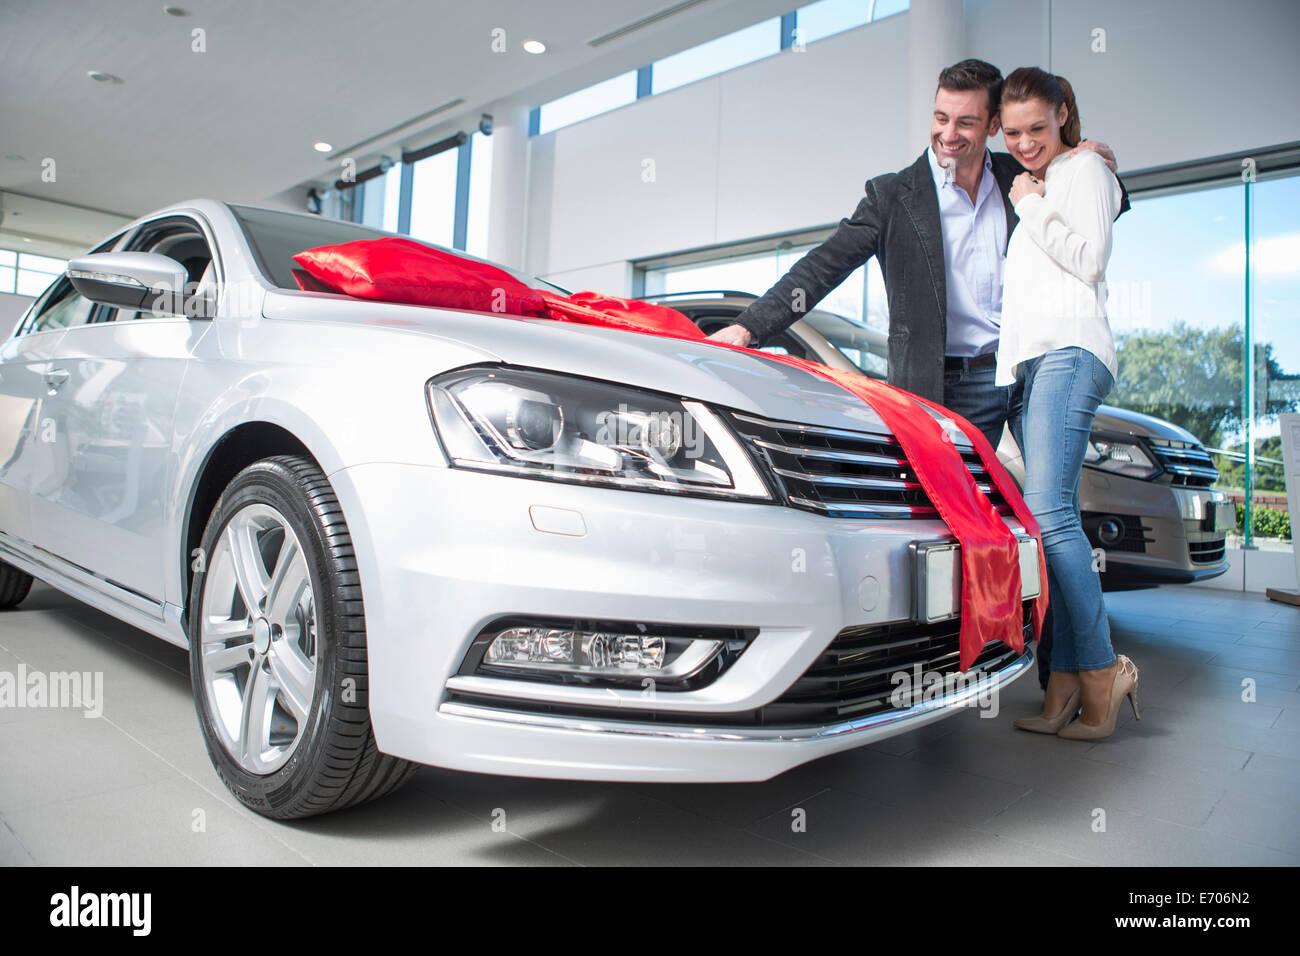 Hombre mirando el nuevo coche con lazo rojo con mi novia en concesionario de coches Imagen De Stock